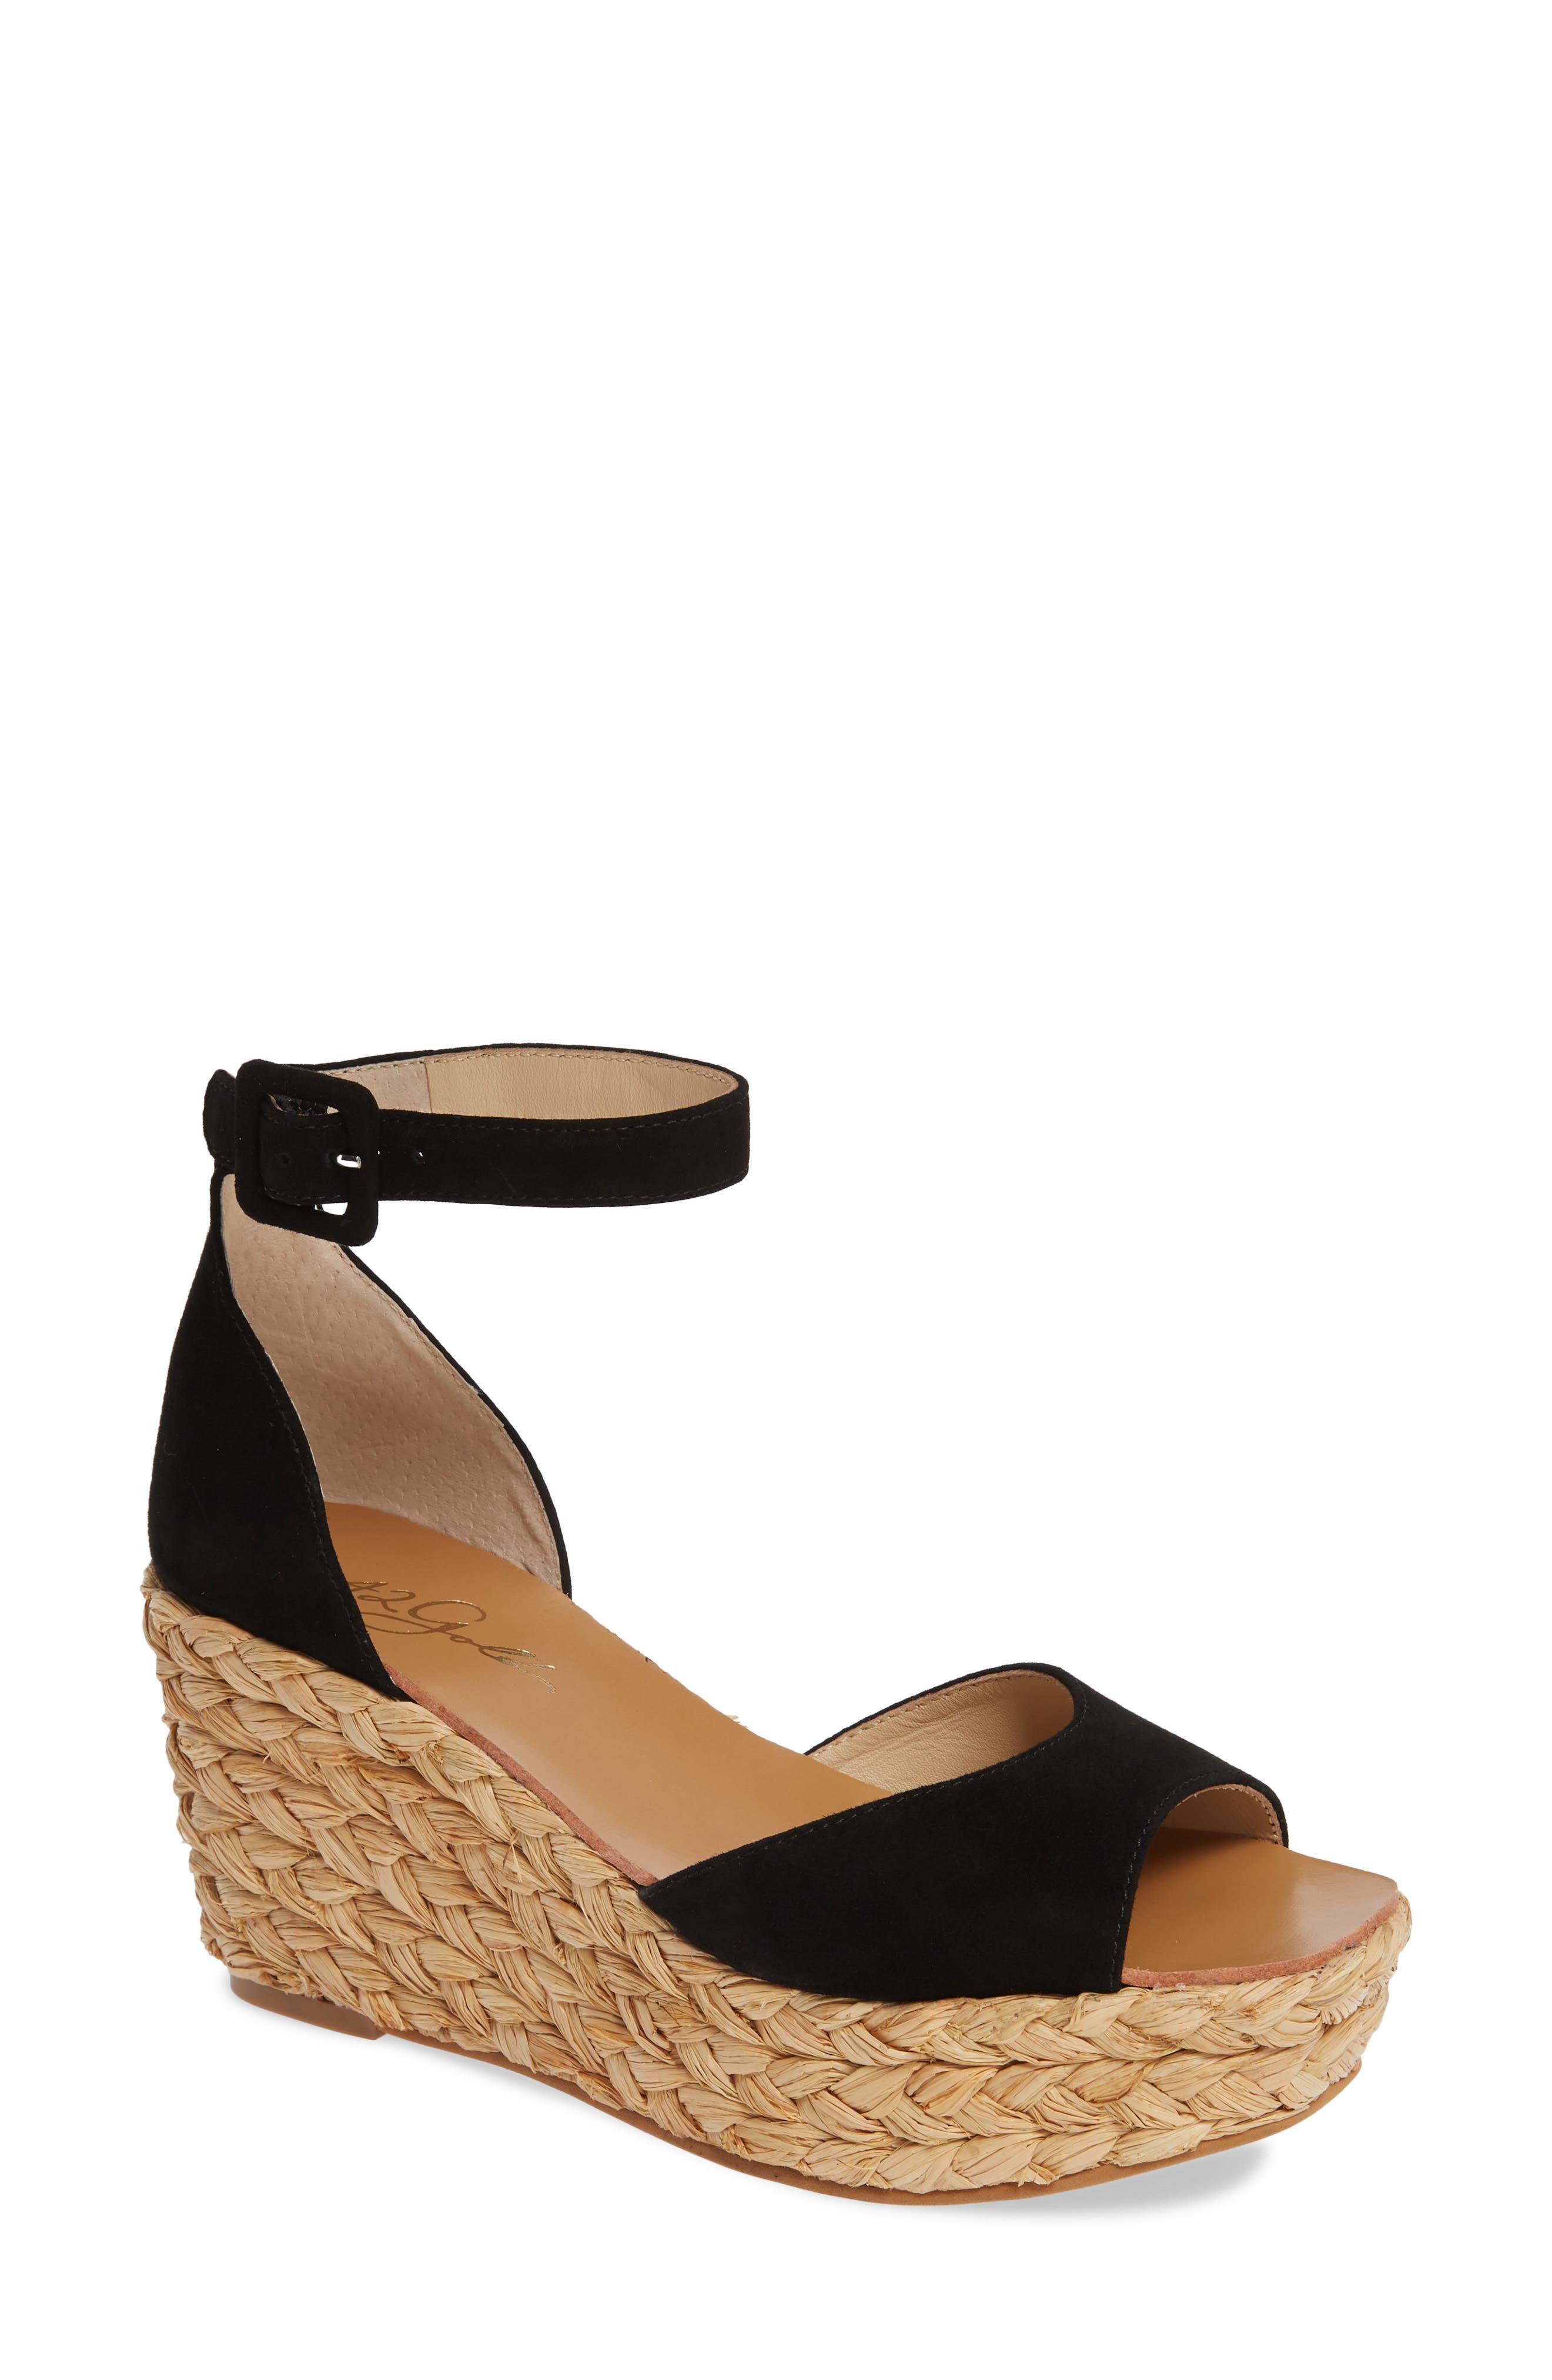 42 GOLD Mindie Platform Wedge Sandal, Main, color, BLACK SUEDE